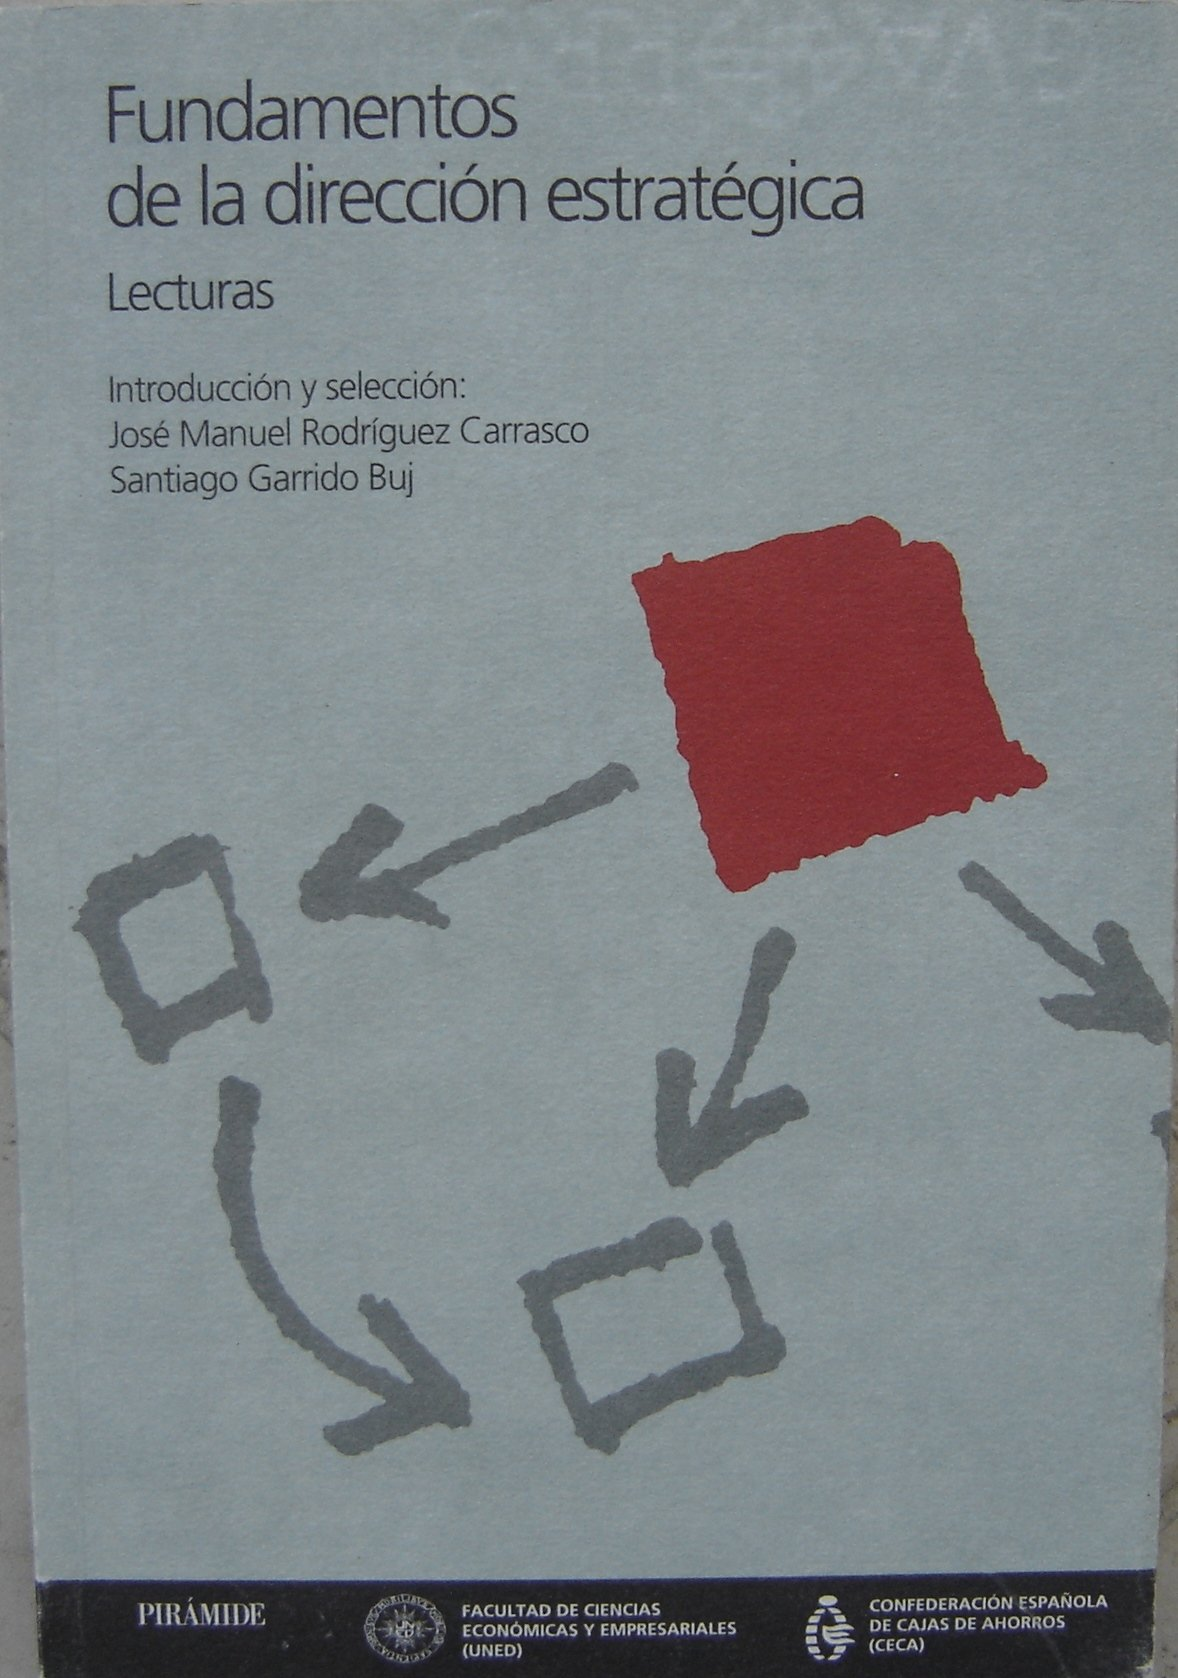 Fundamentos en la direccion estrategica (Coleccion): Amazon.es: Jose Manuel Rodriguez Carrasco: Libros